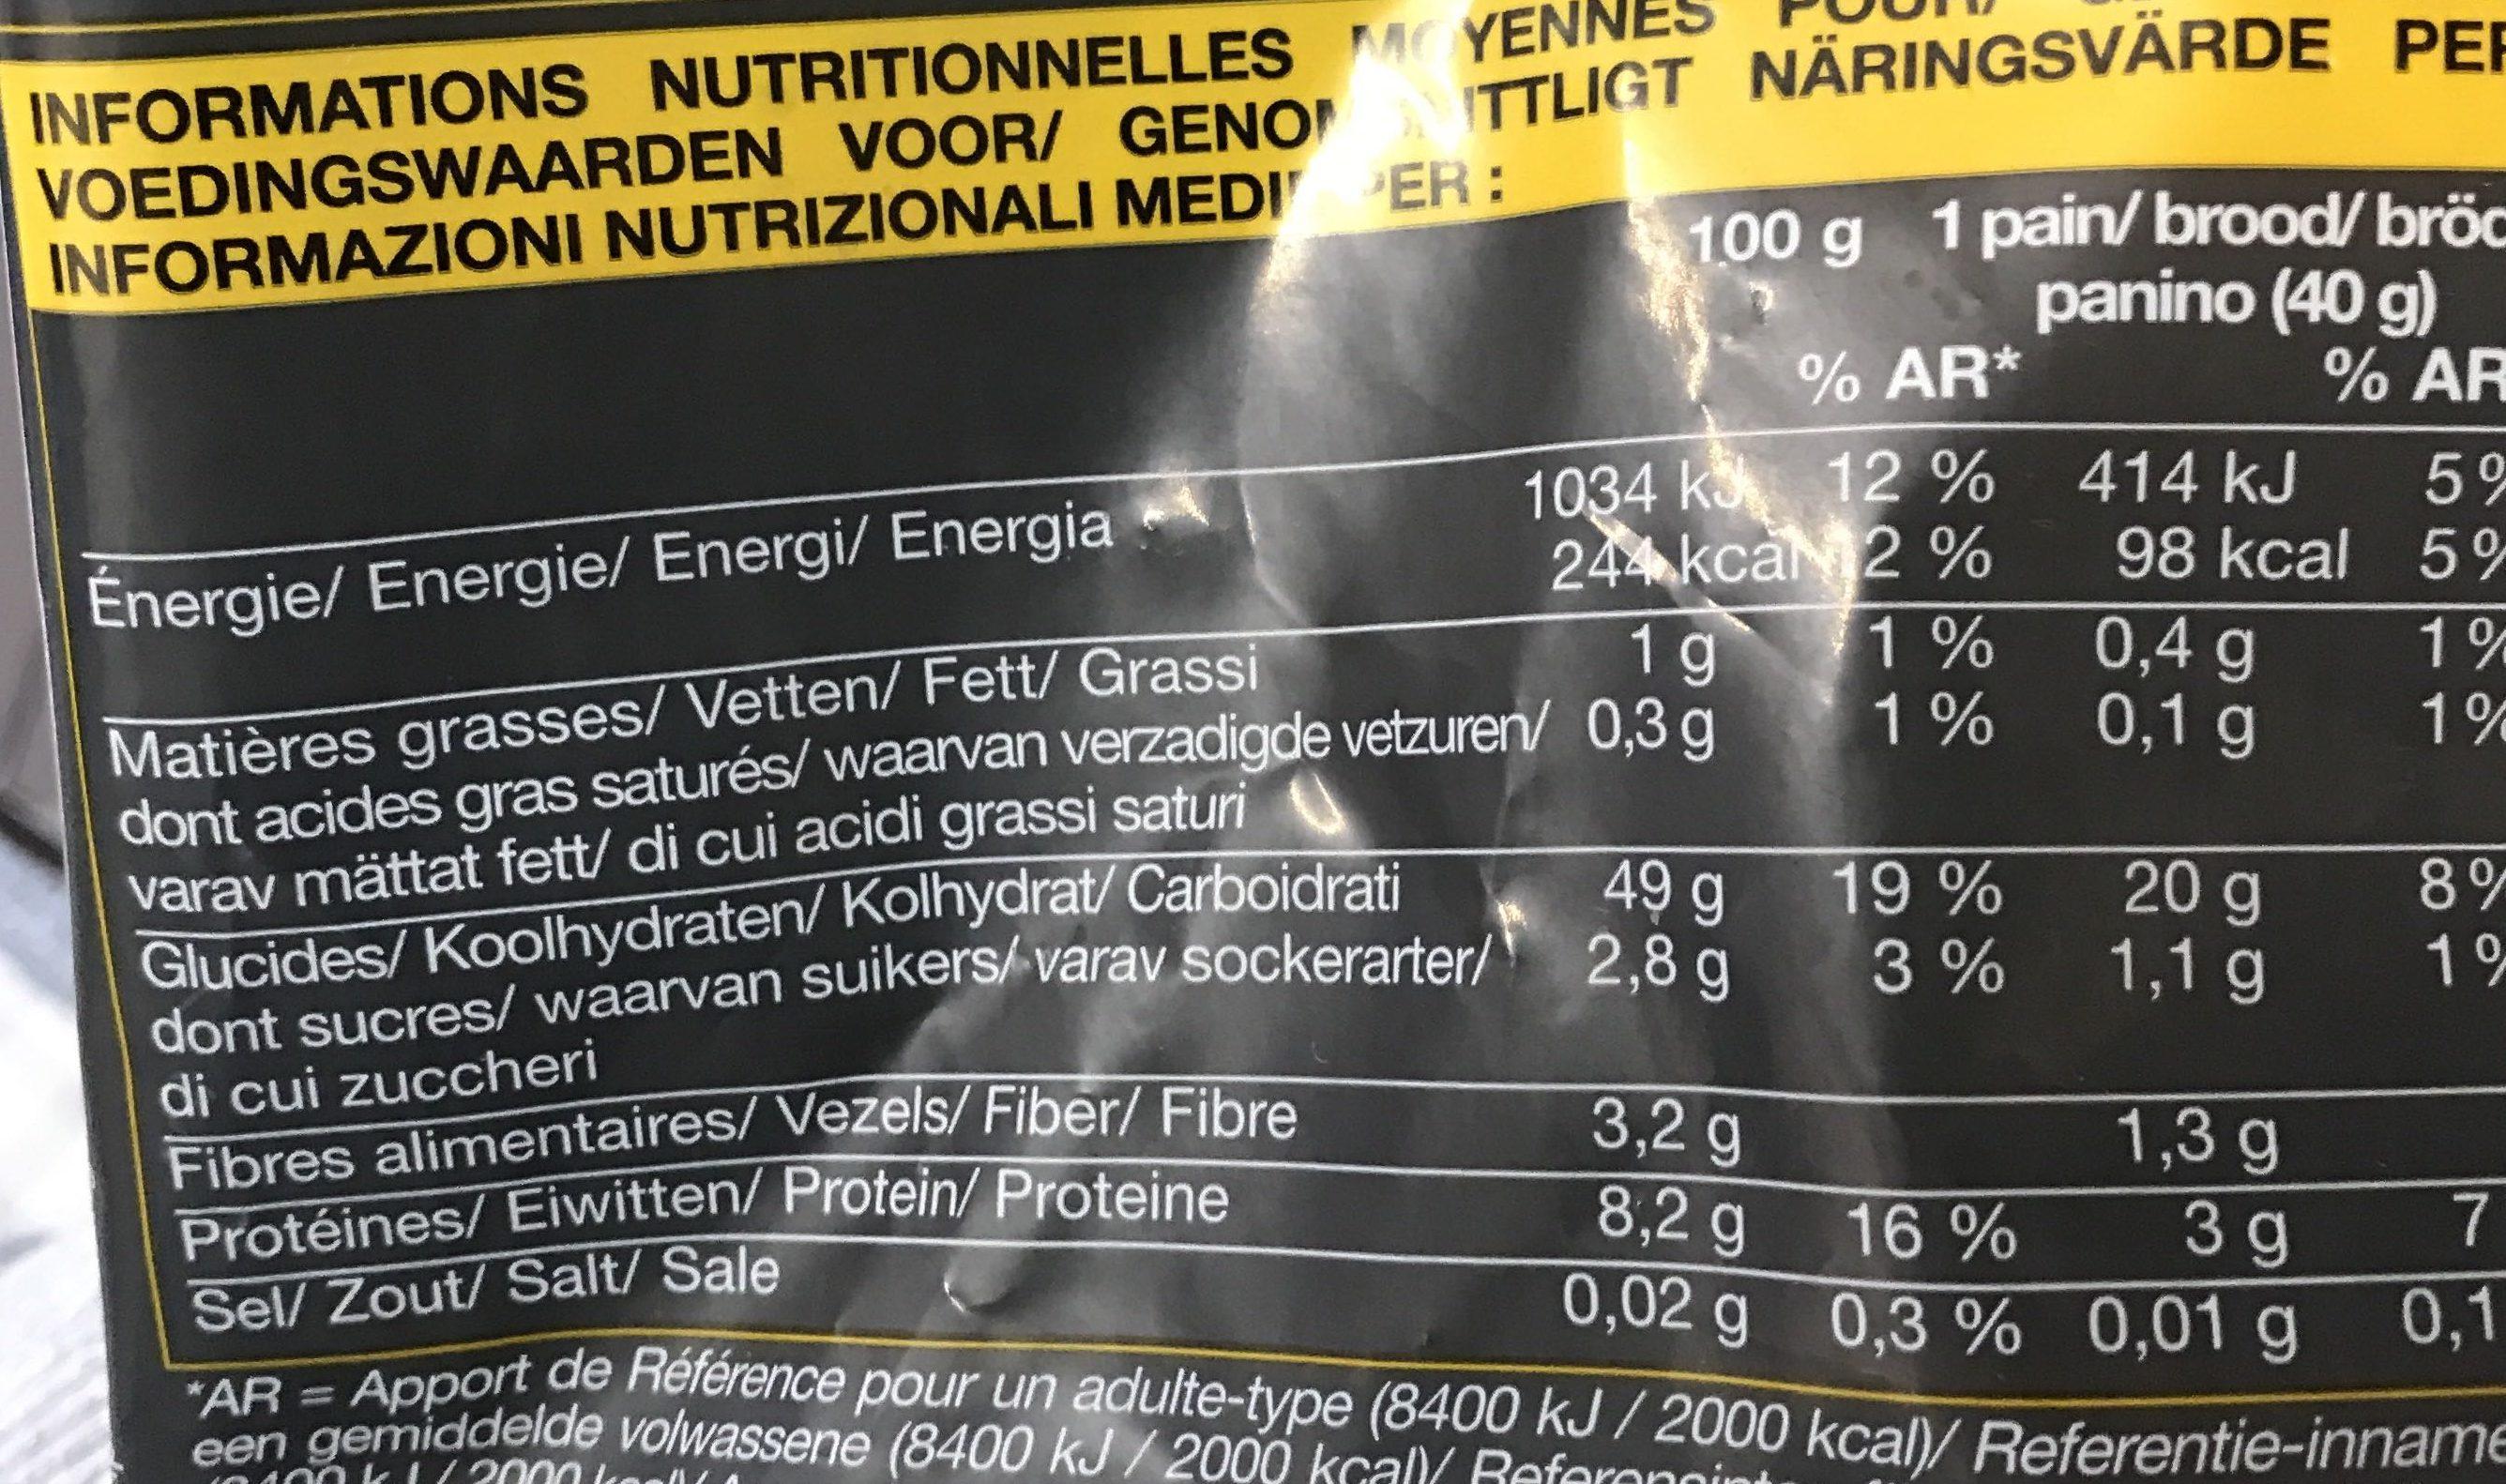 4 Petits Pains sans Sel - Nutrition facts